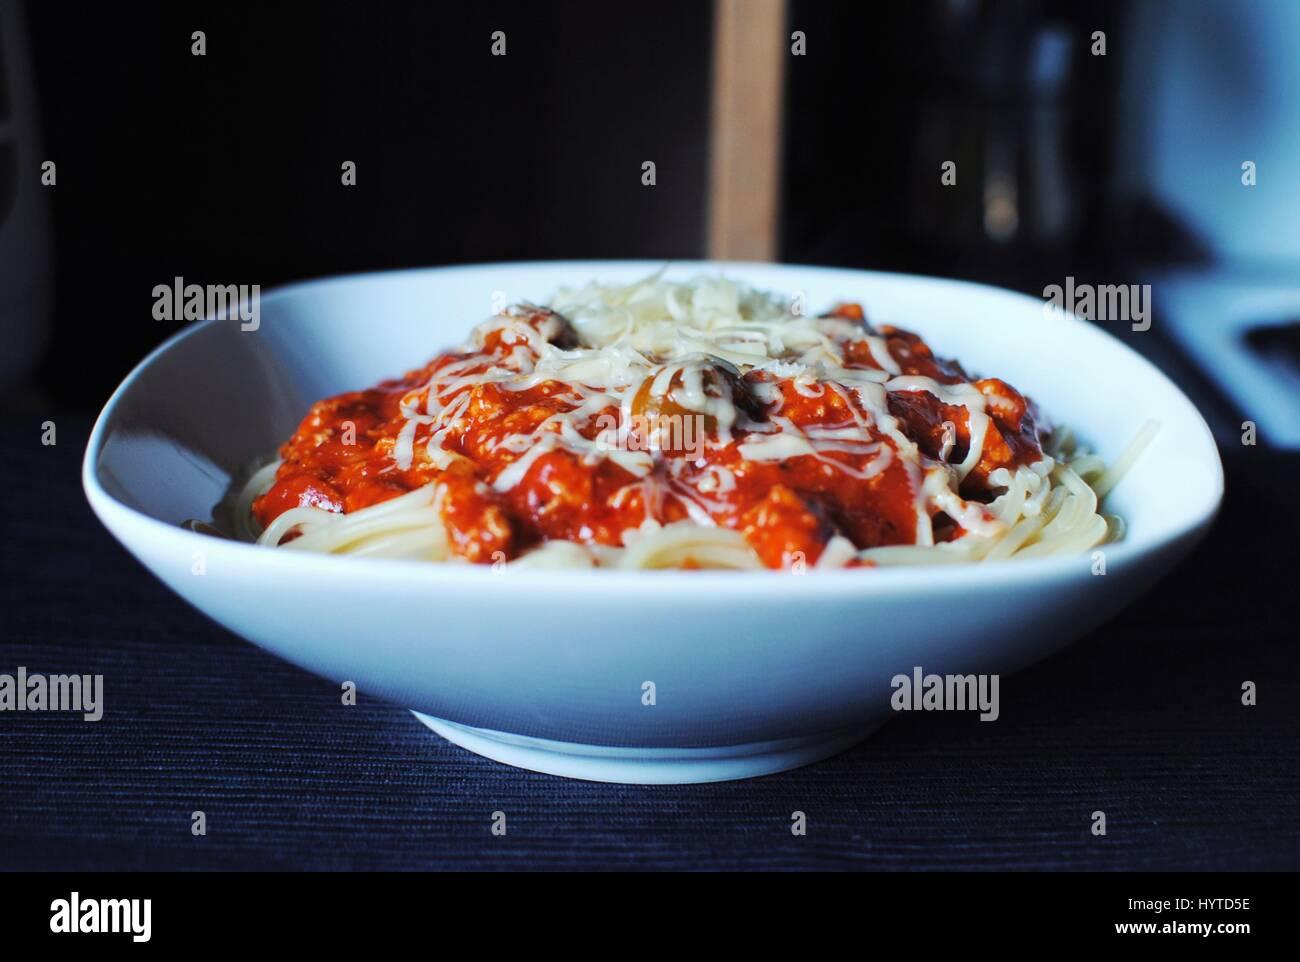 Délicieux spaghetti bolognese avec olives et fromage mozzarella sur fond sombre. Photo Stock